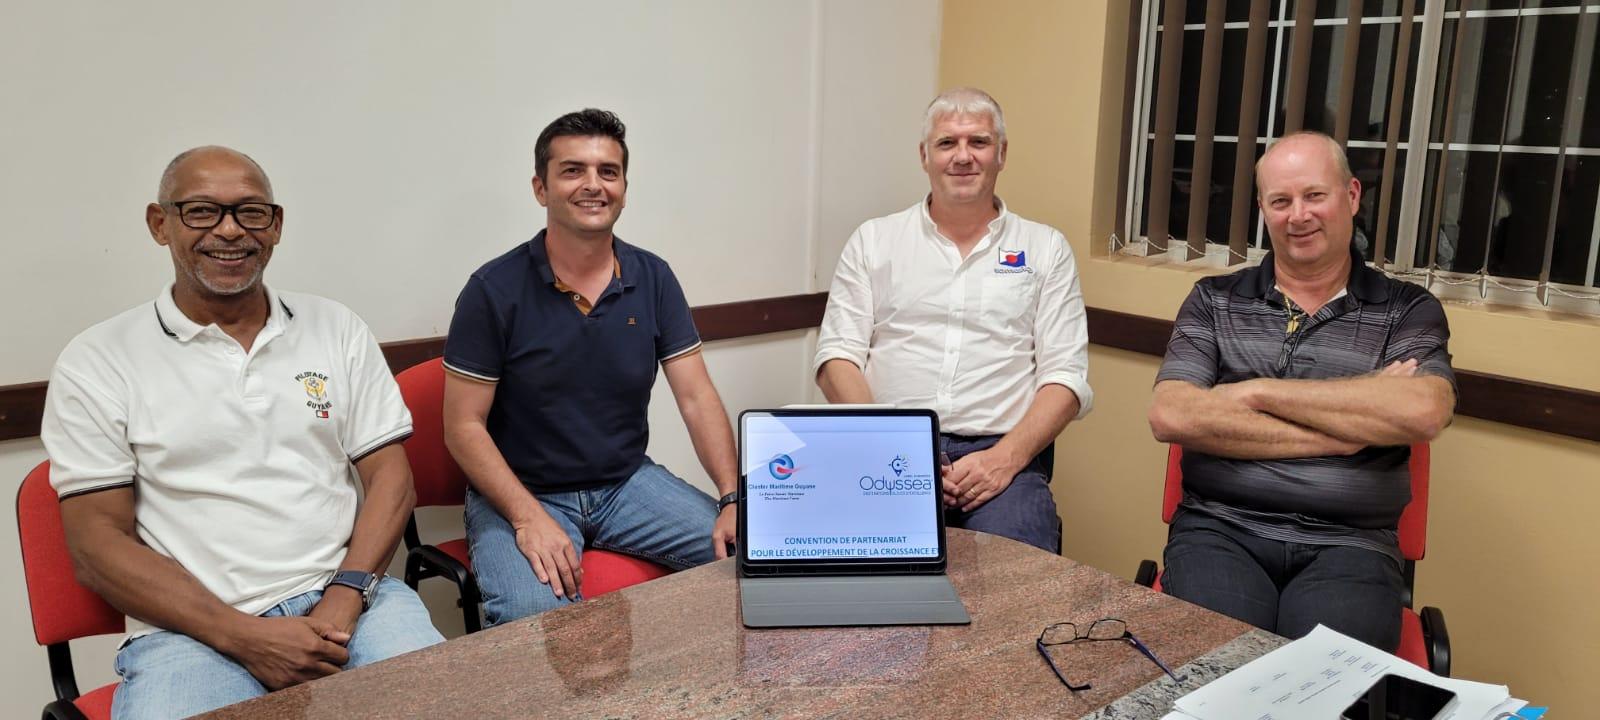 Le Cluster Maritime Guyane s'unit à la Scic GE Odyssea pour une relance de l'économie bleue, au profit de ses membres